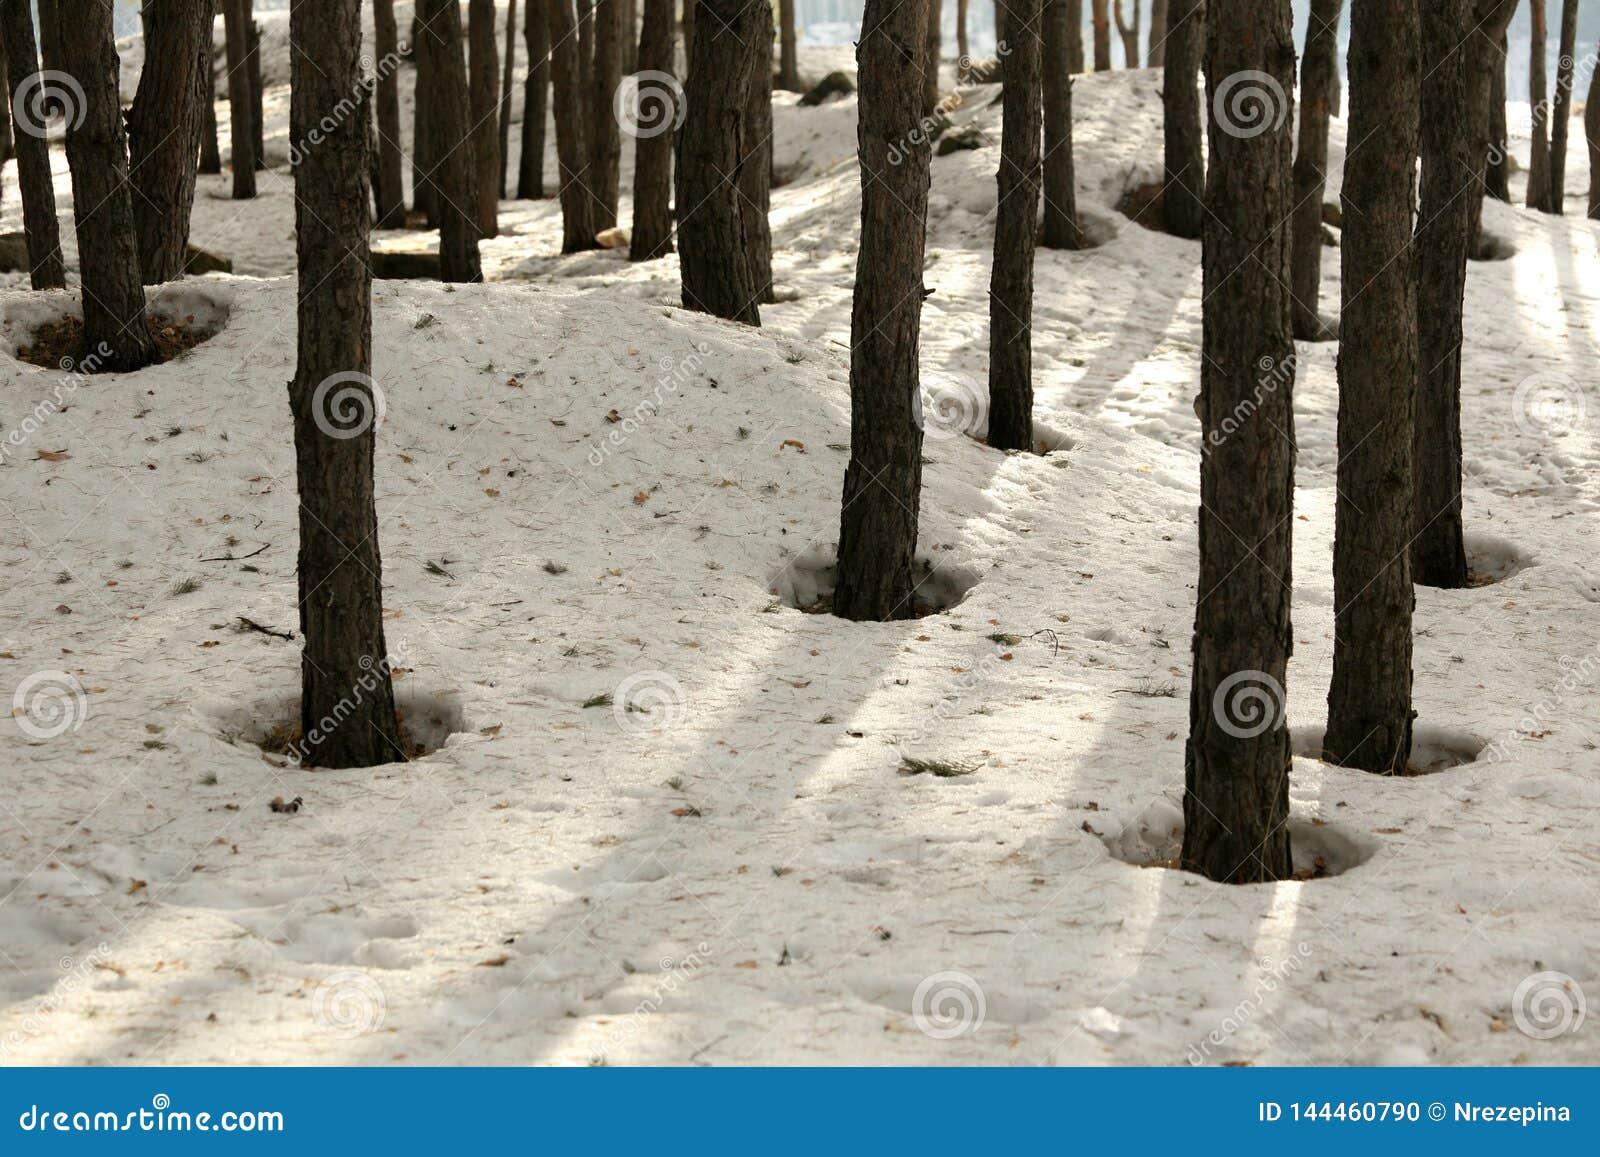 Sneeuw in een pijnboombos in de lente